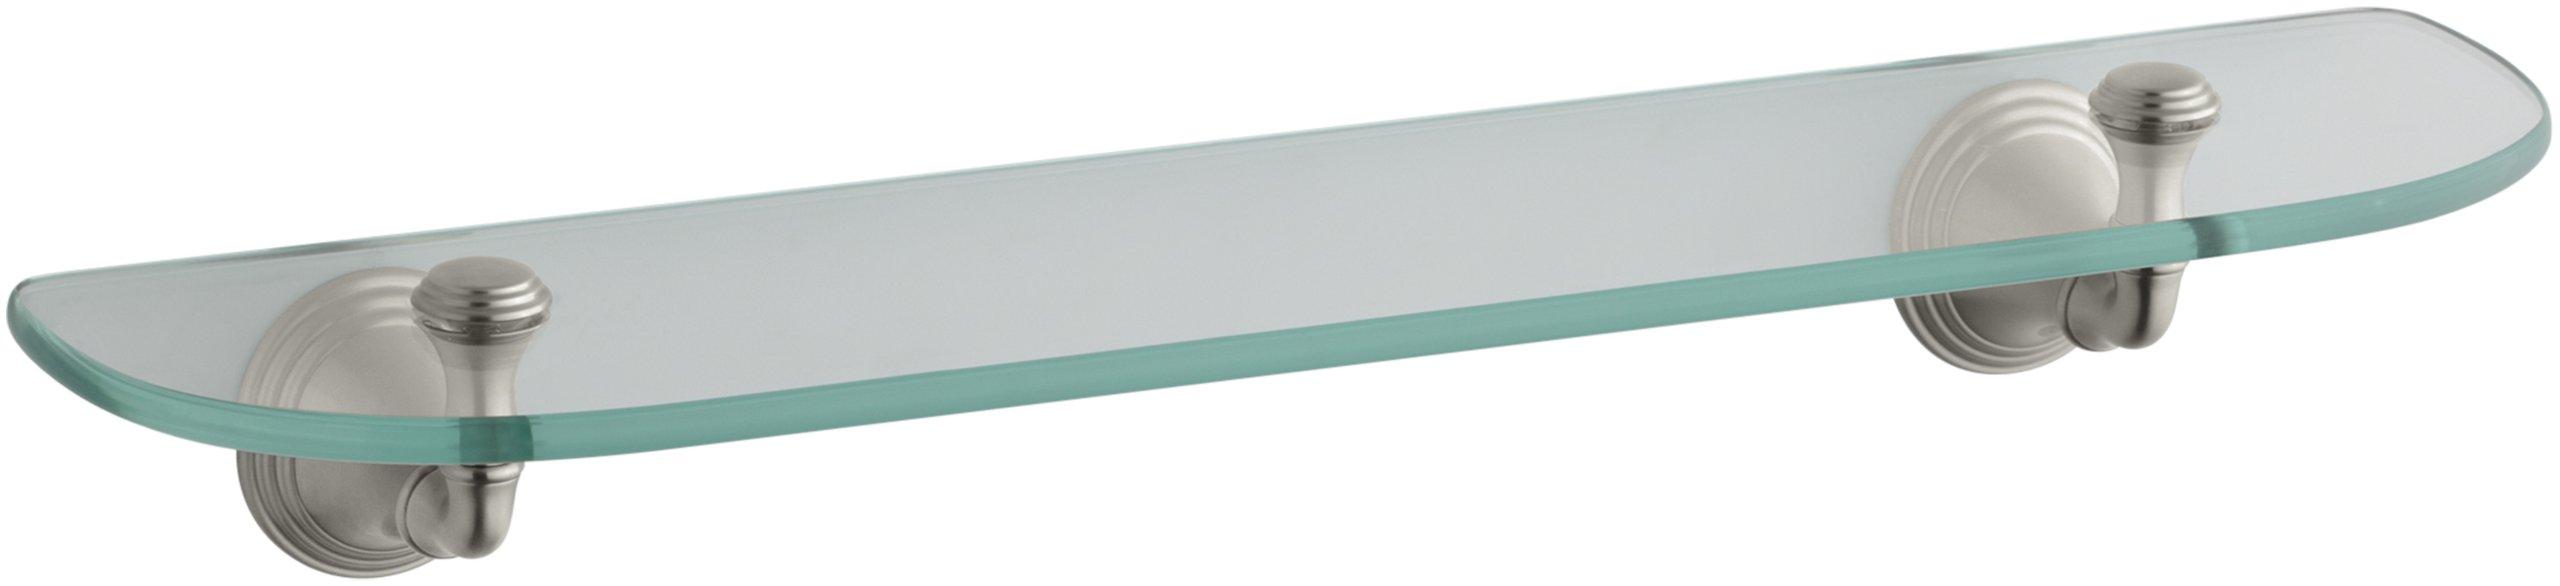 KOHLER K-10563-BN Devonshire Glass Shelf, Vibrant Brushed Nickel